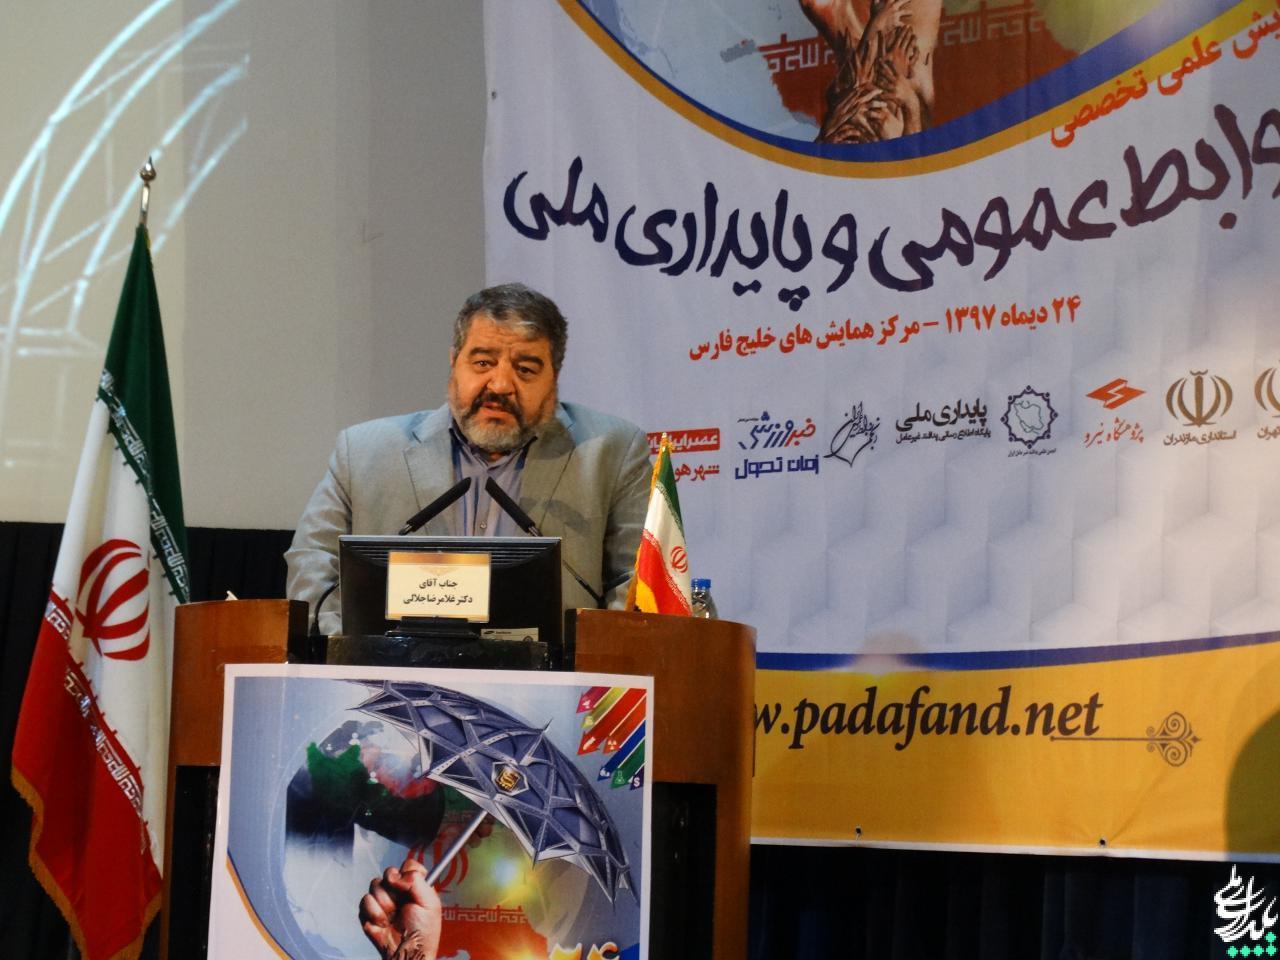 این حق ملت ایران است که از بهترین شبکههای اجتماعی با حداکثر قابلیتها و خدمات  و بدون مفاسد اخلاقی استفاده نمایند+تصاویر